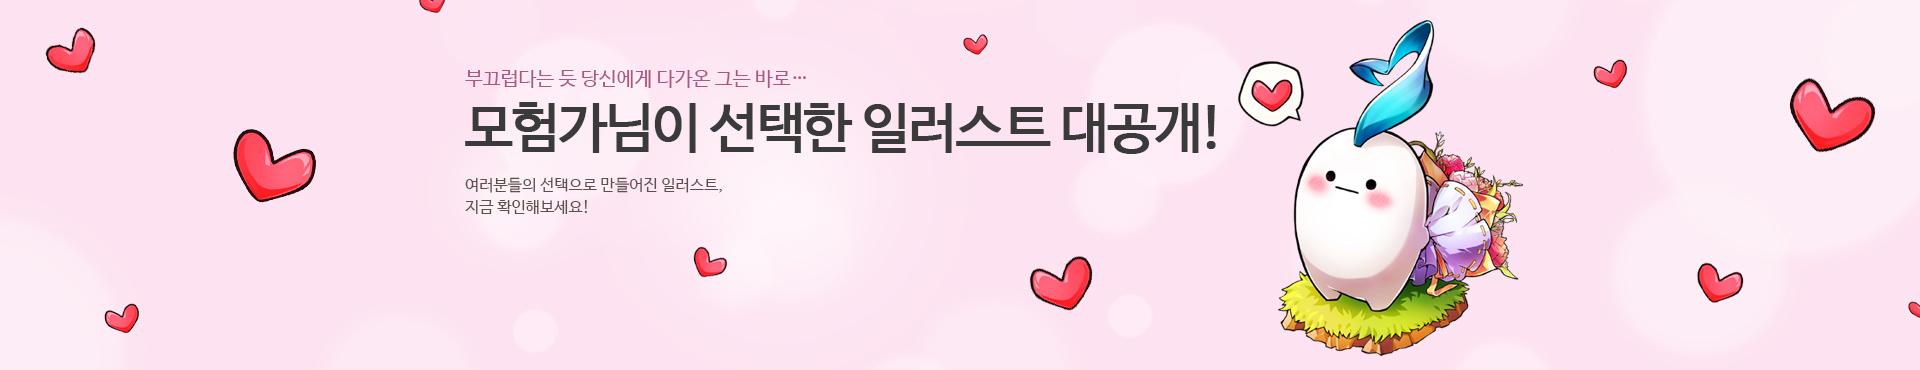 헤지호그 공개